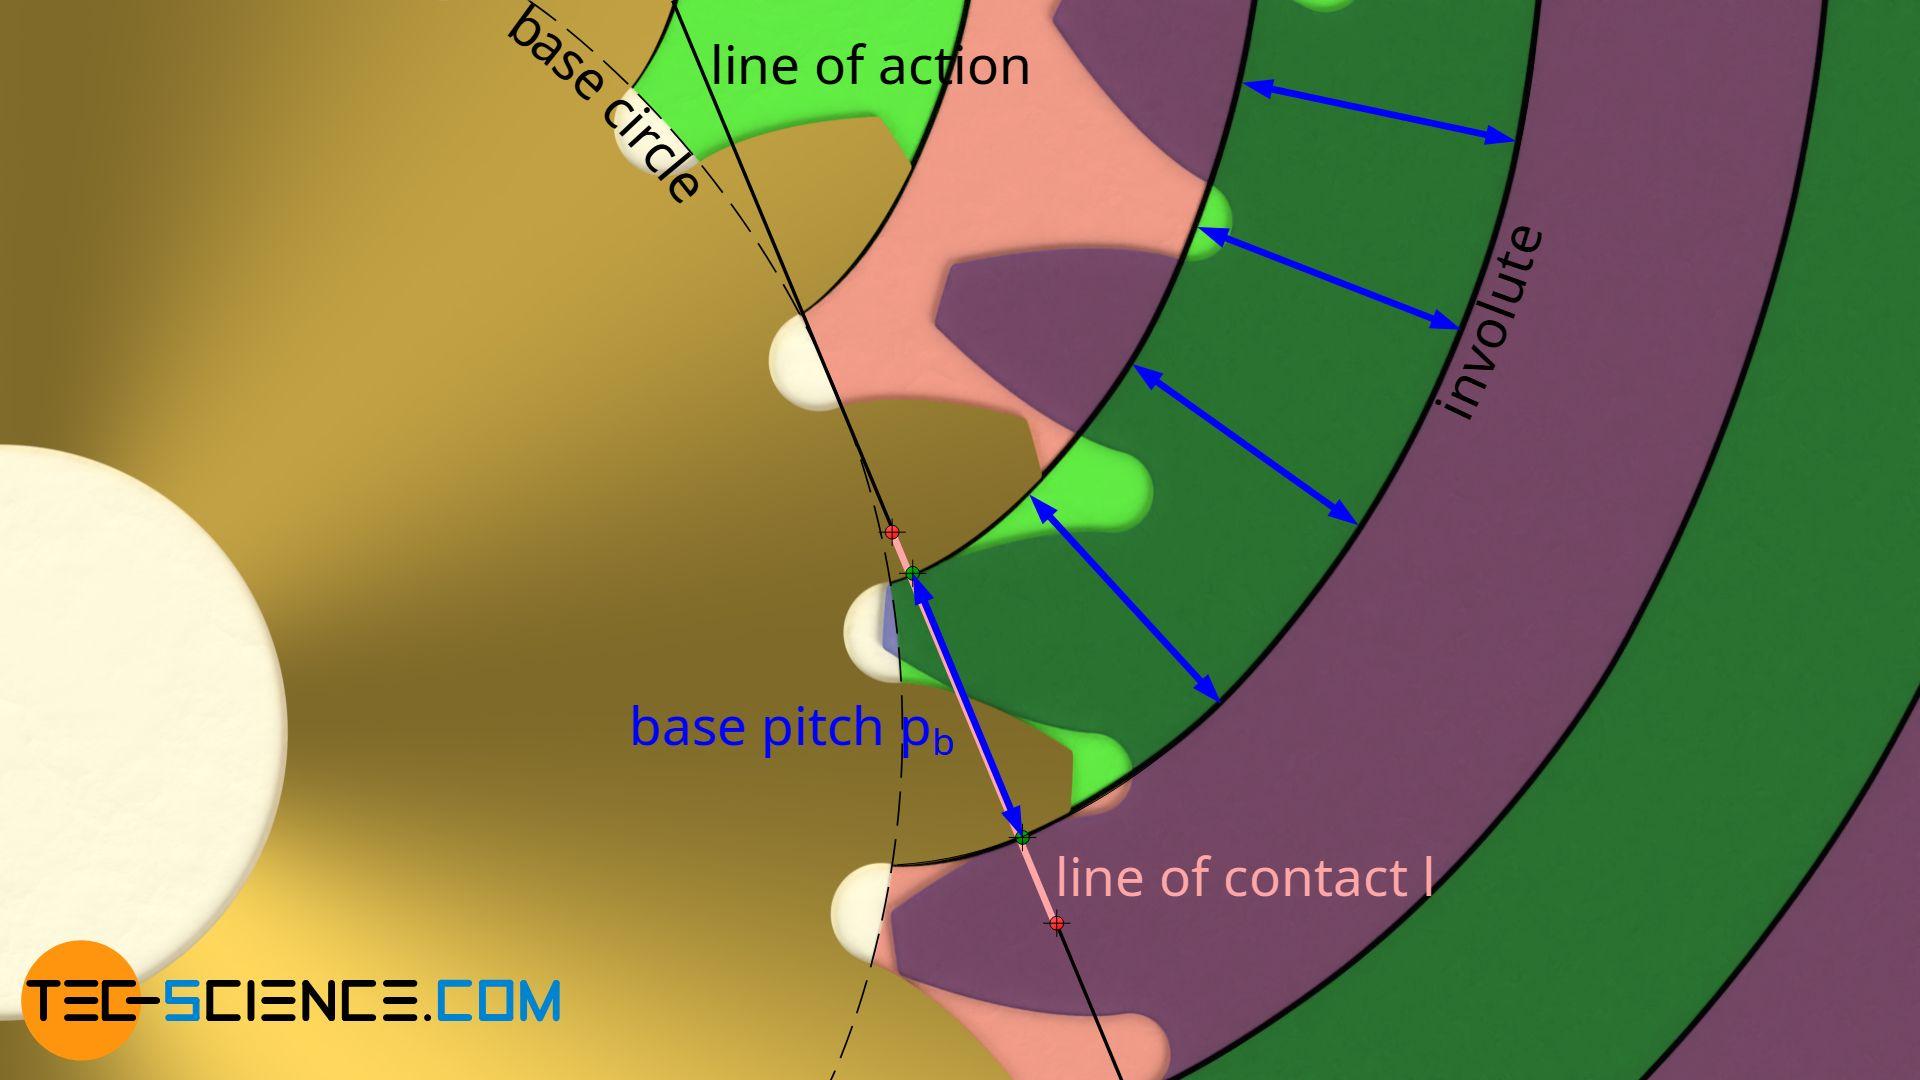 Base pitch